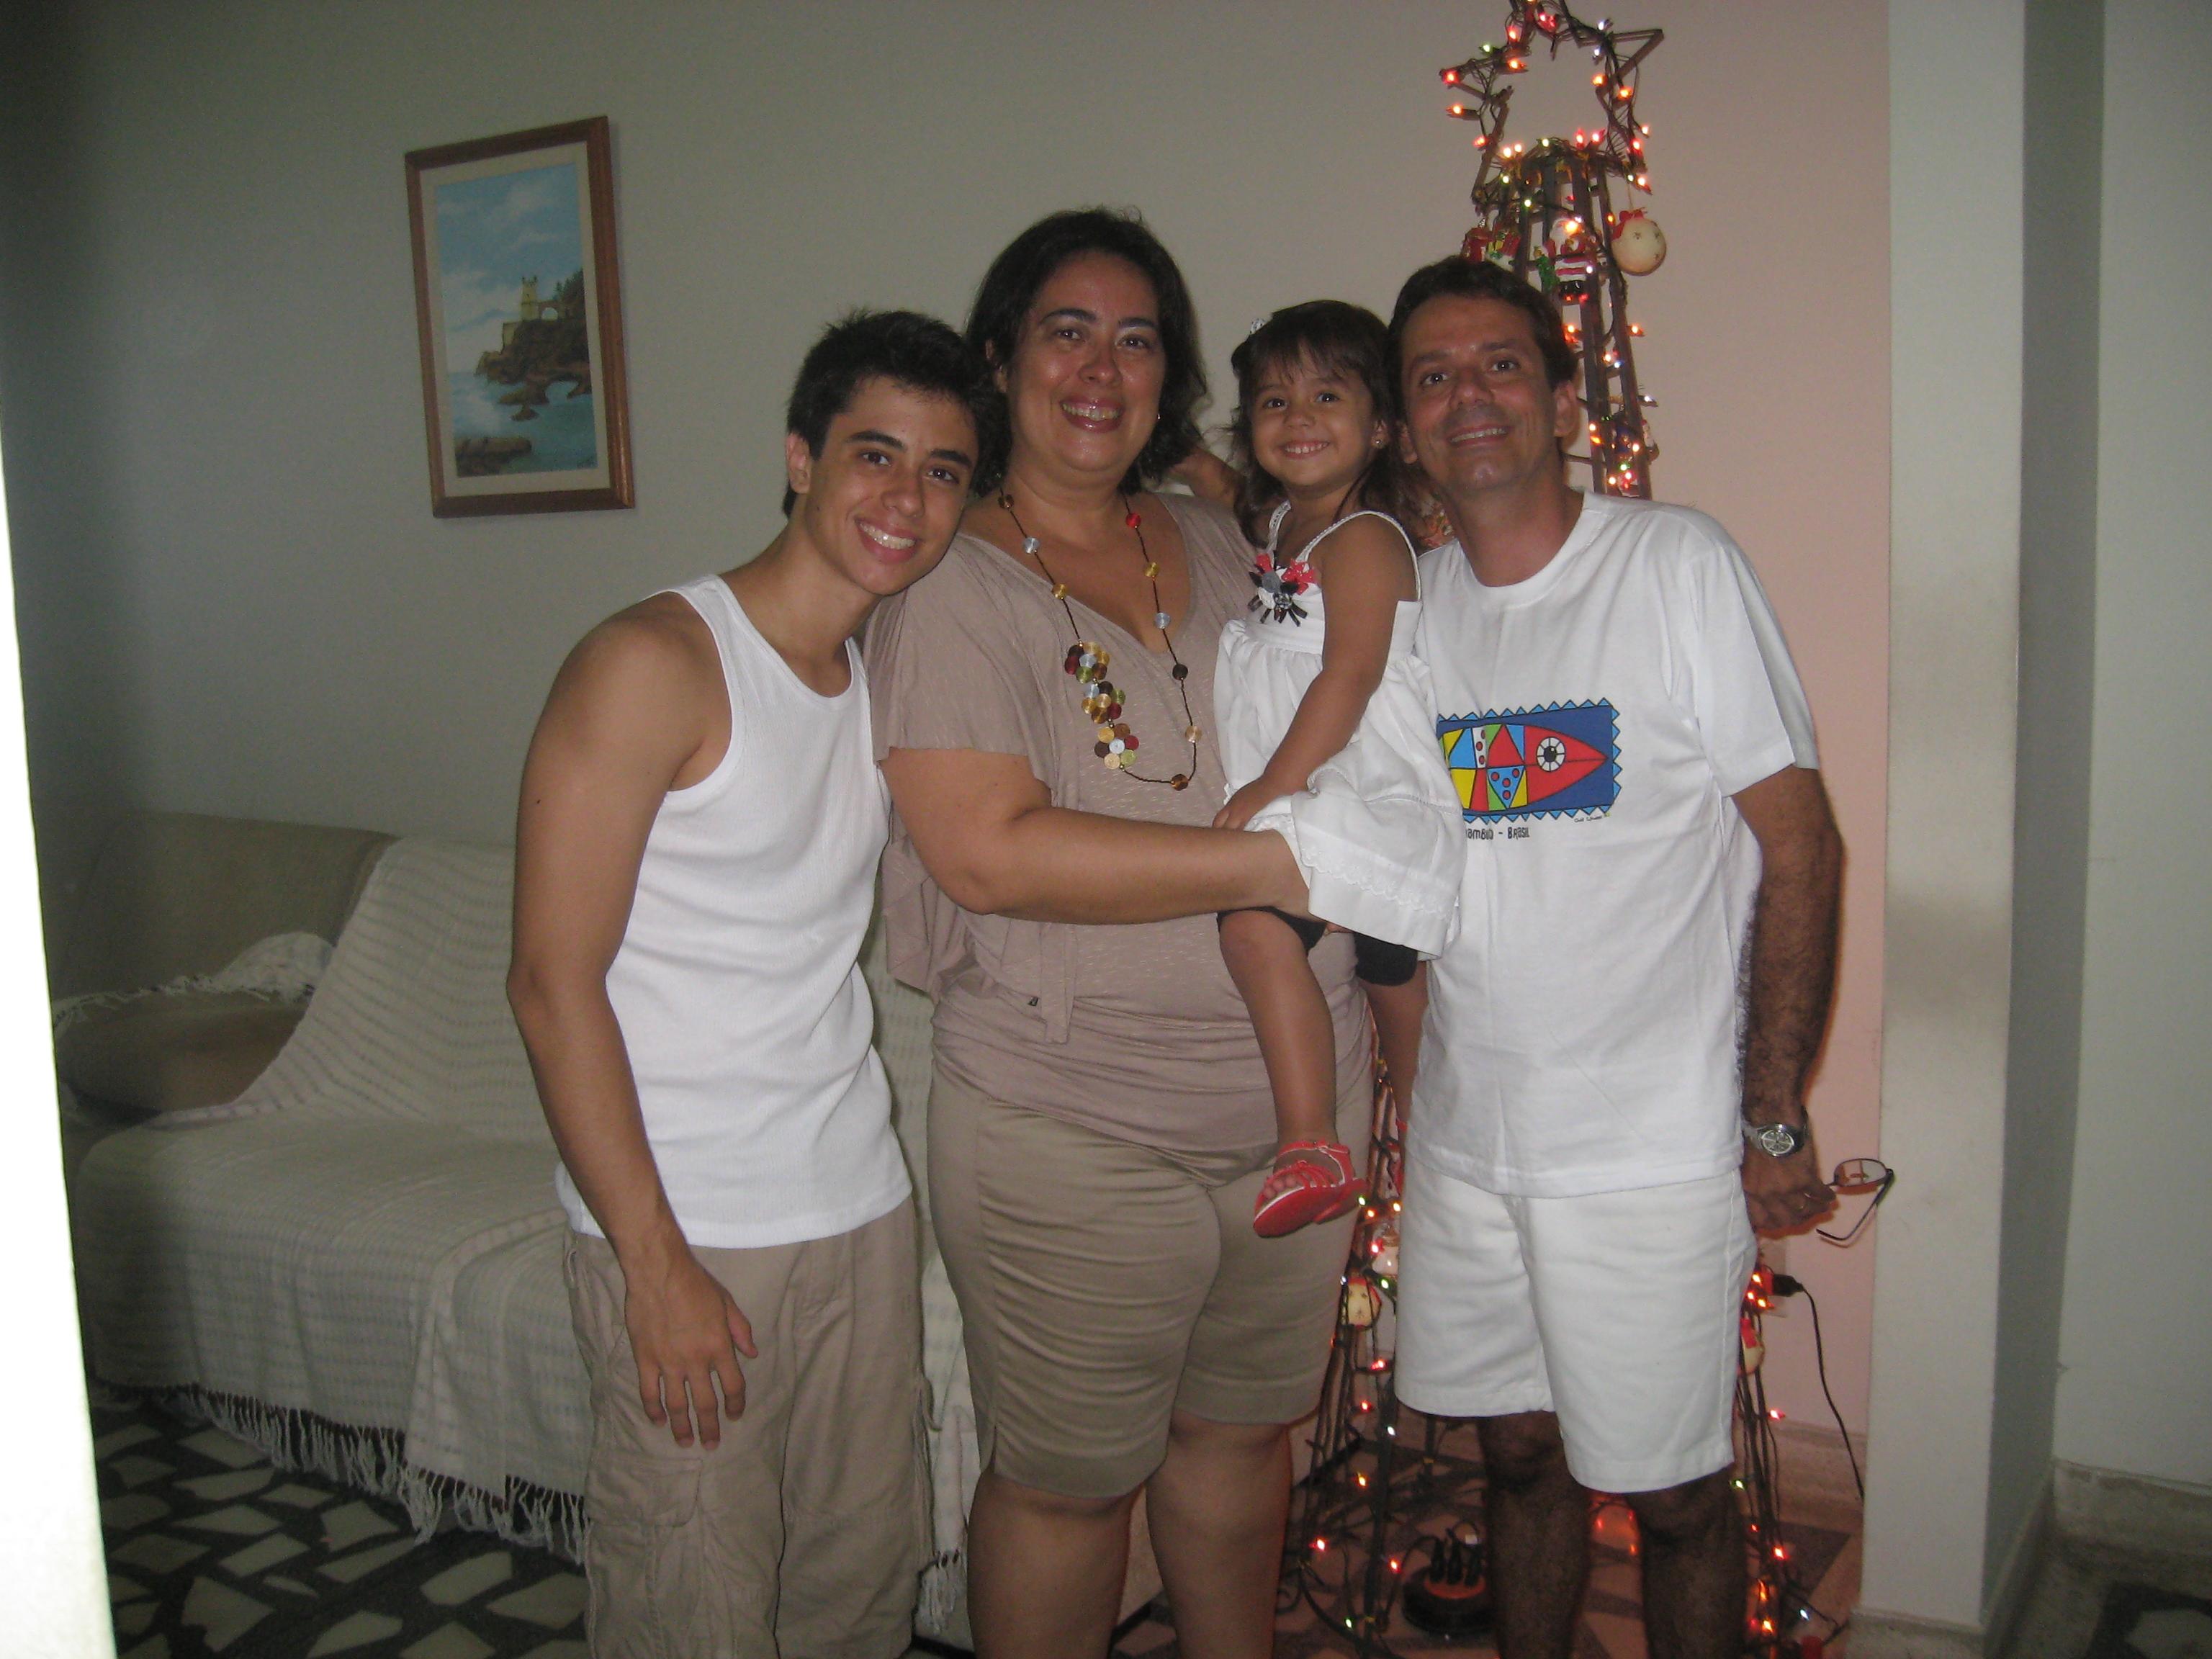 scrição: Descrição: scrição: Descrição: Descrição: Descrição: Descrição: http://www.de.ufpe.br/~cysneiros/familia.jpg